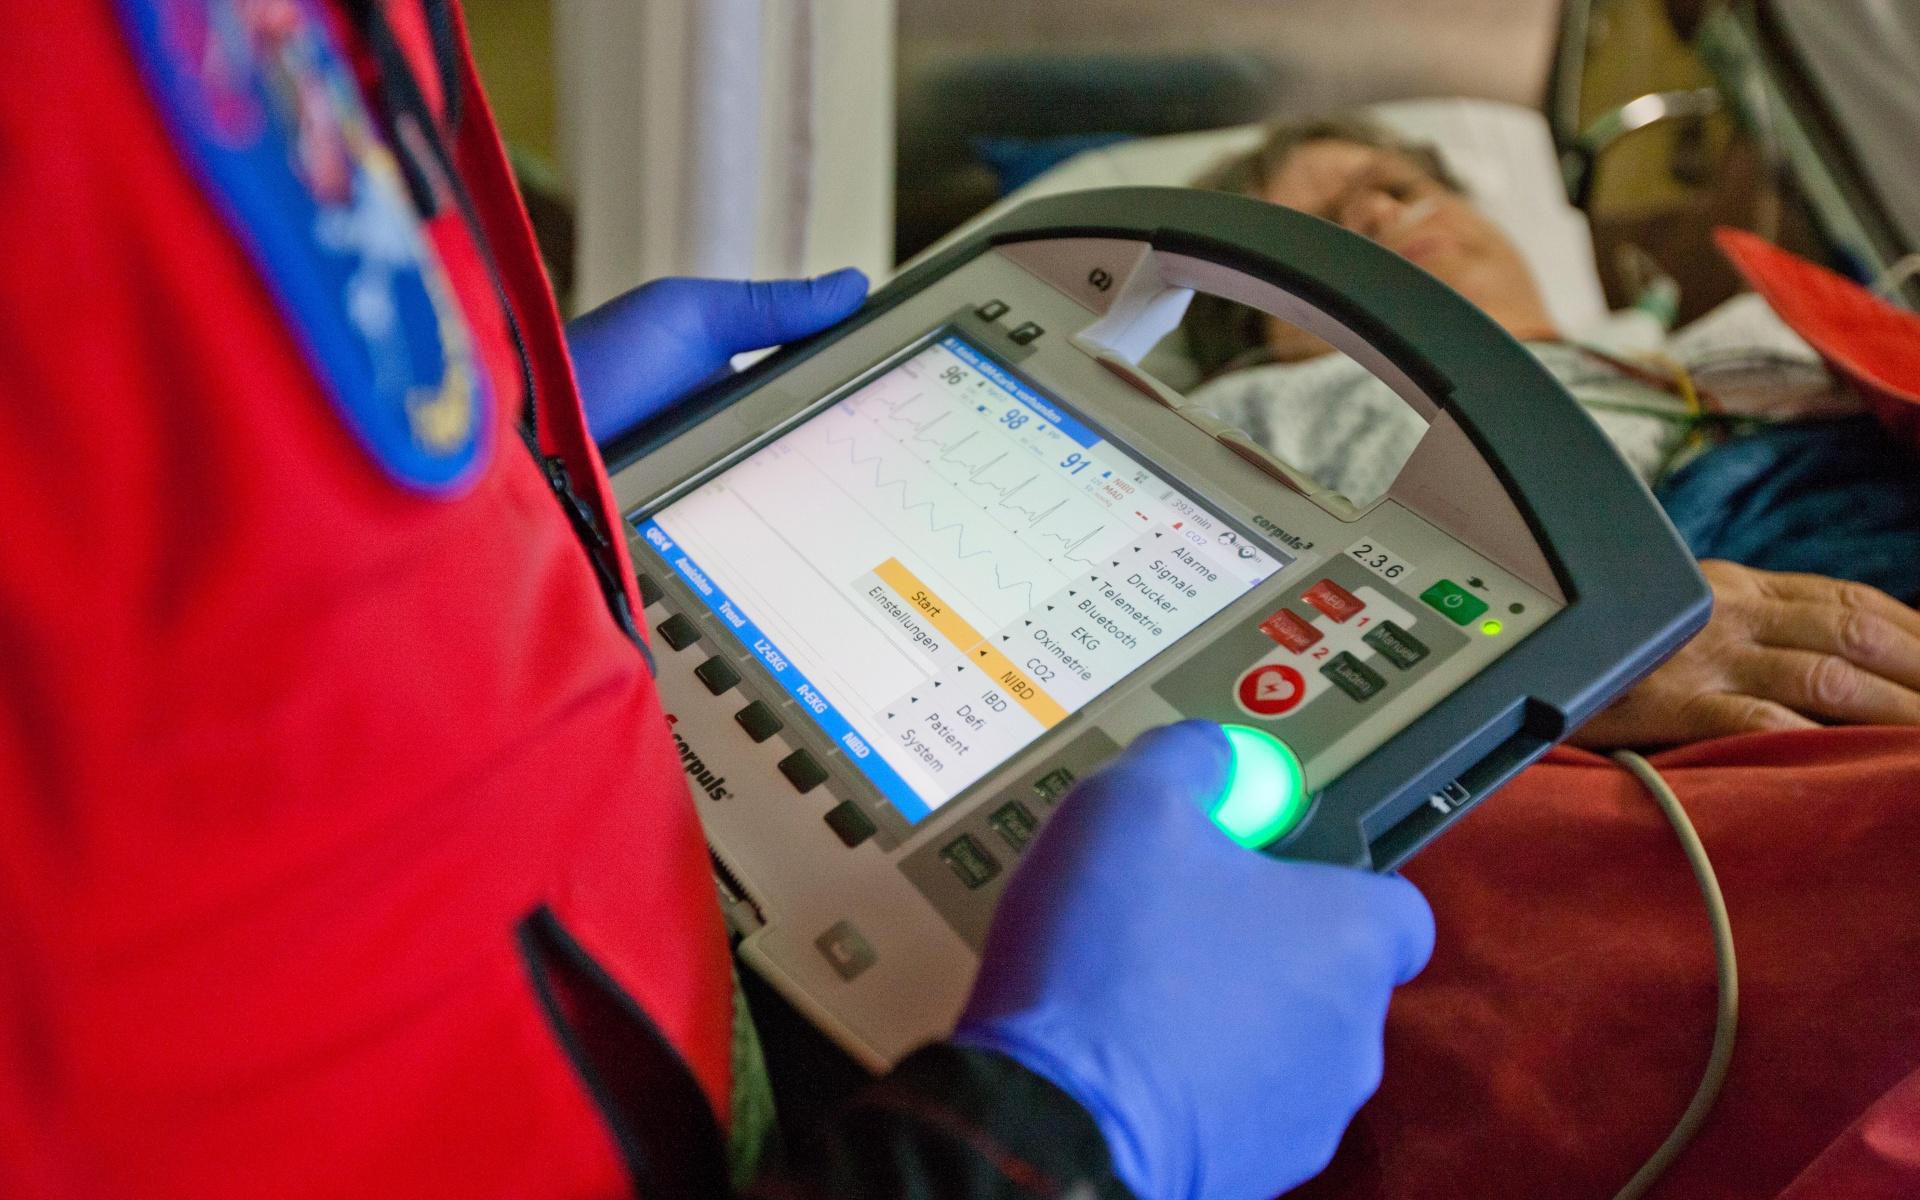 Der Corpuls3 besteht aus drei über Funk verbundenen Modulen: einem Monitor zur Überwachung der Vitalparameter, einer Patientenbox und einem Defibrillator.